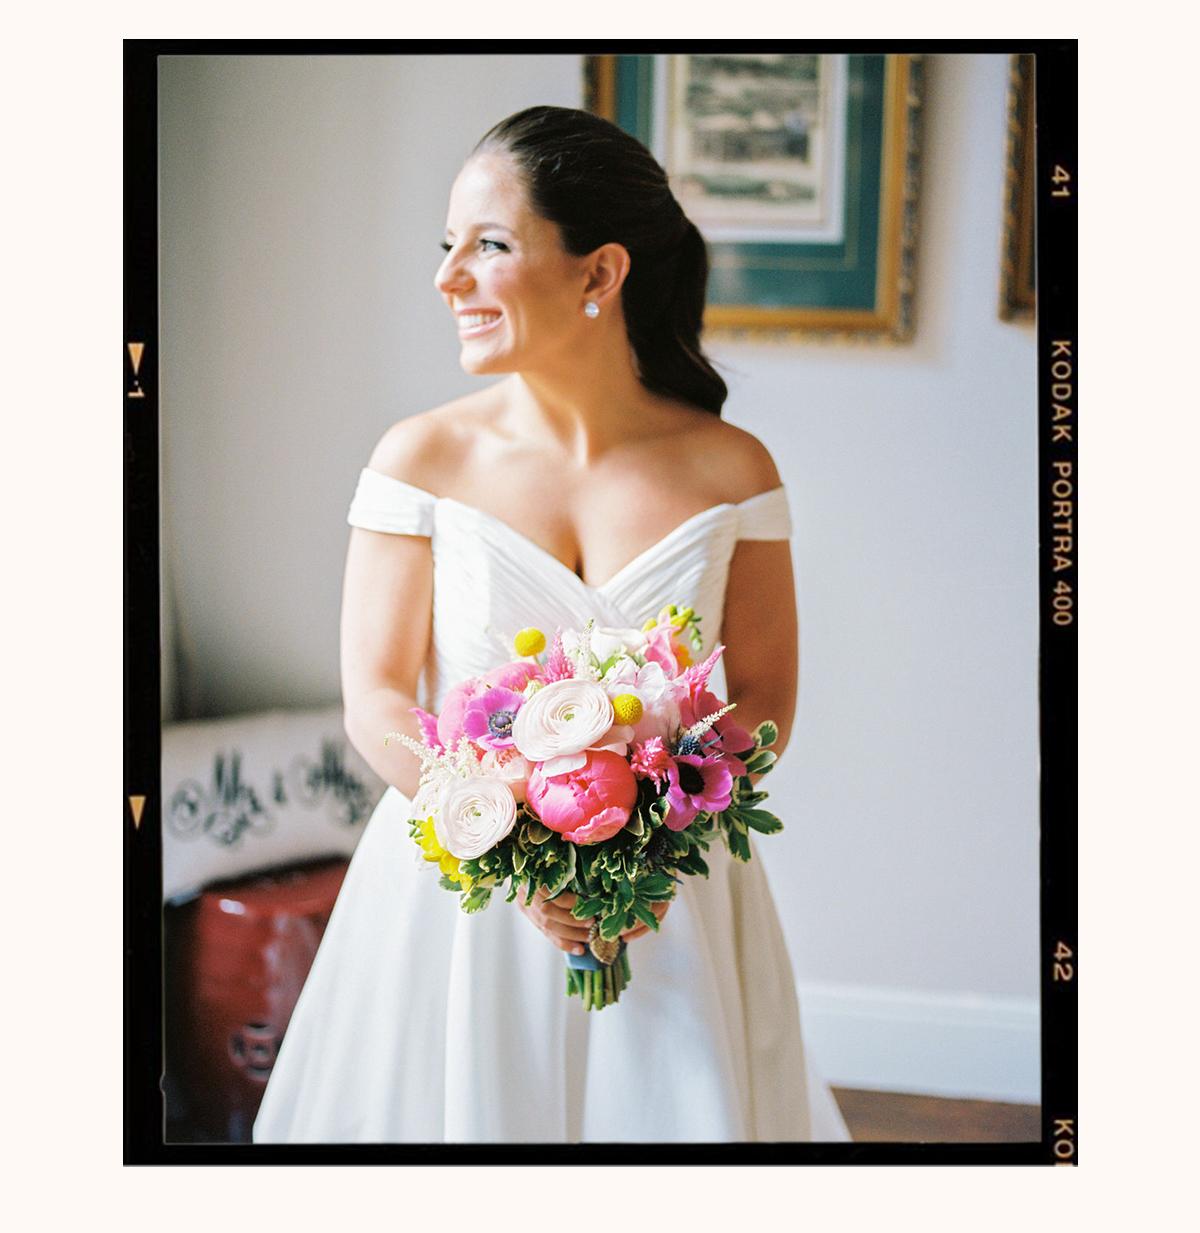 Tuxedo Club Tuxedo Park NY Wedding Photographer 2 - THE TUXEDO CLUB WEDDING - TUXEDO PARK, NY